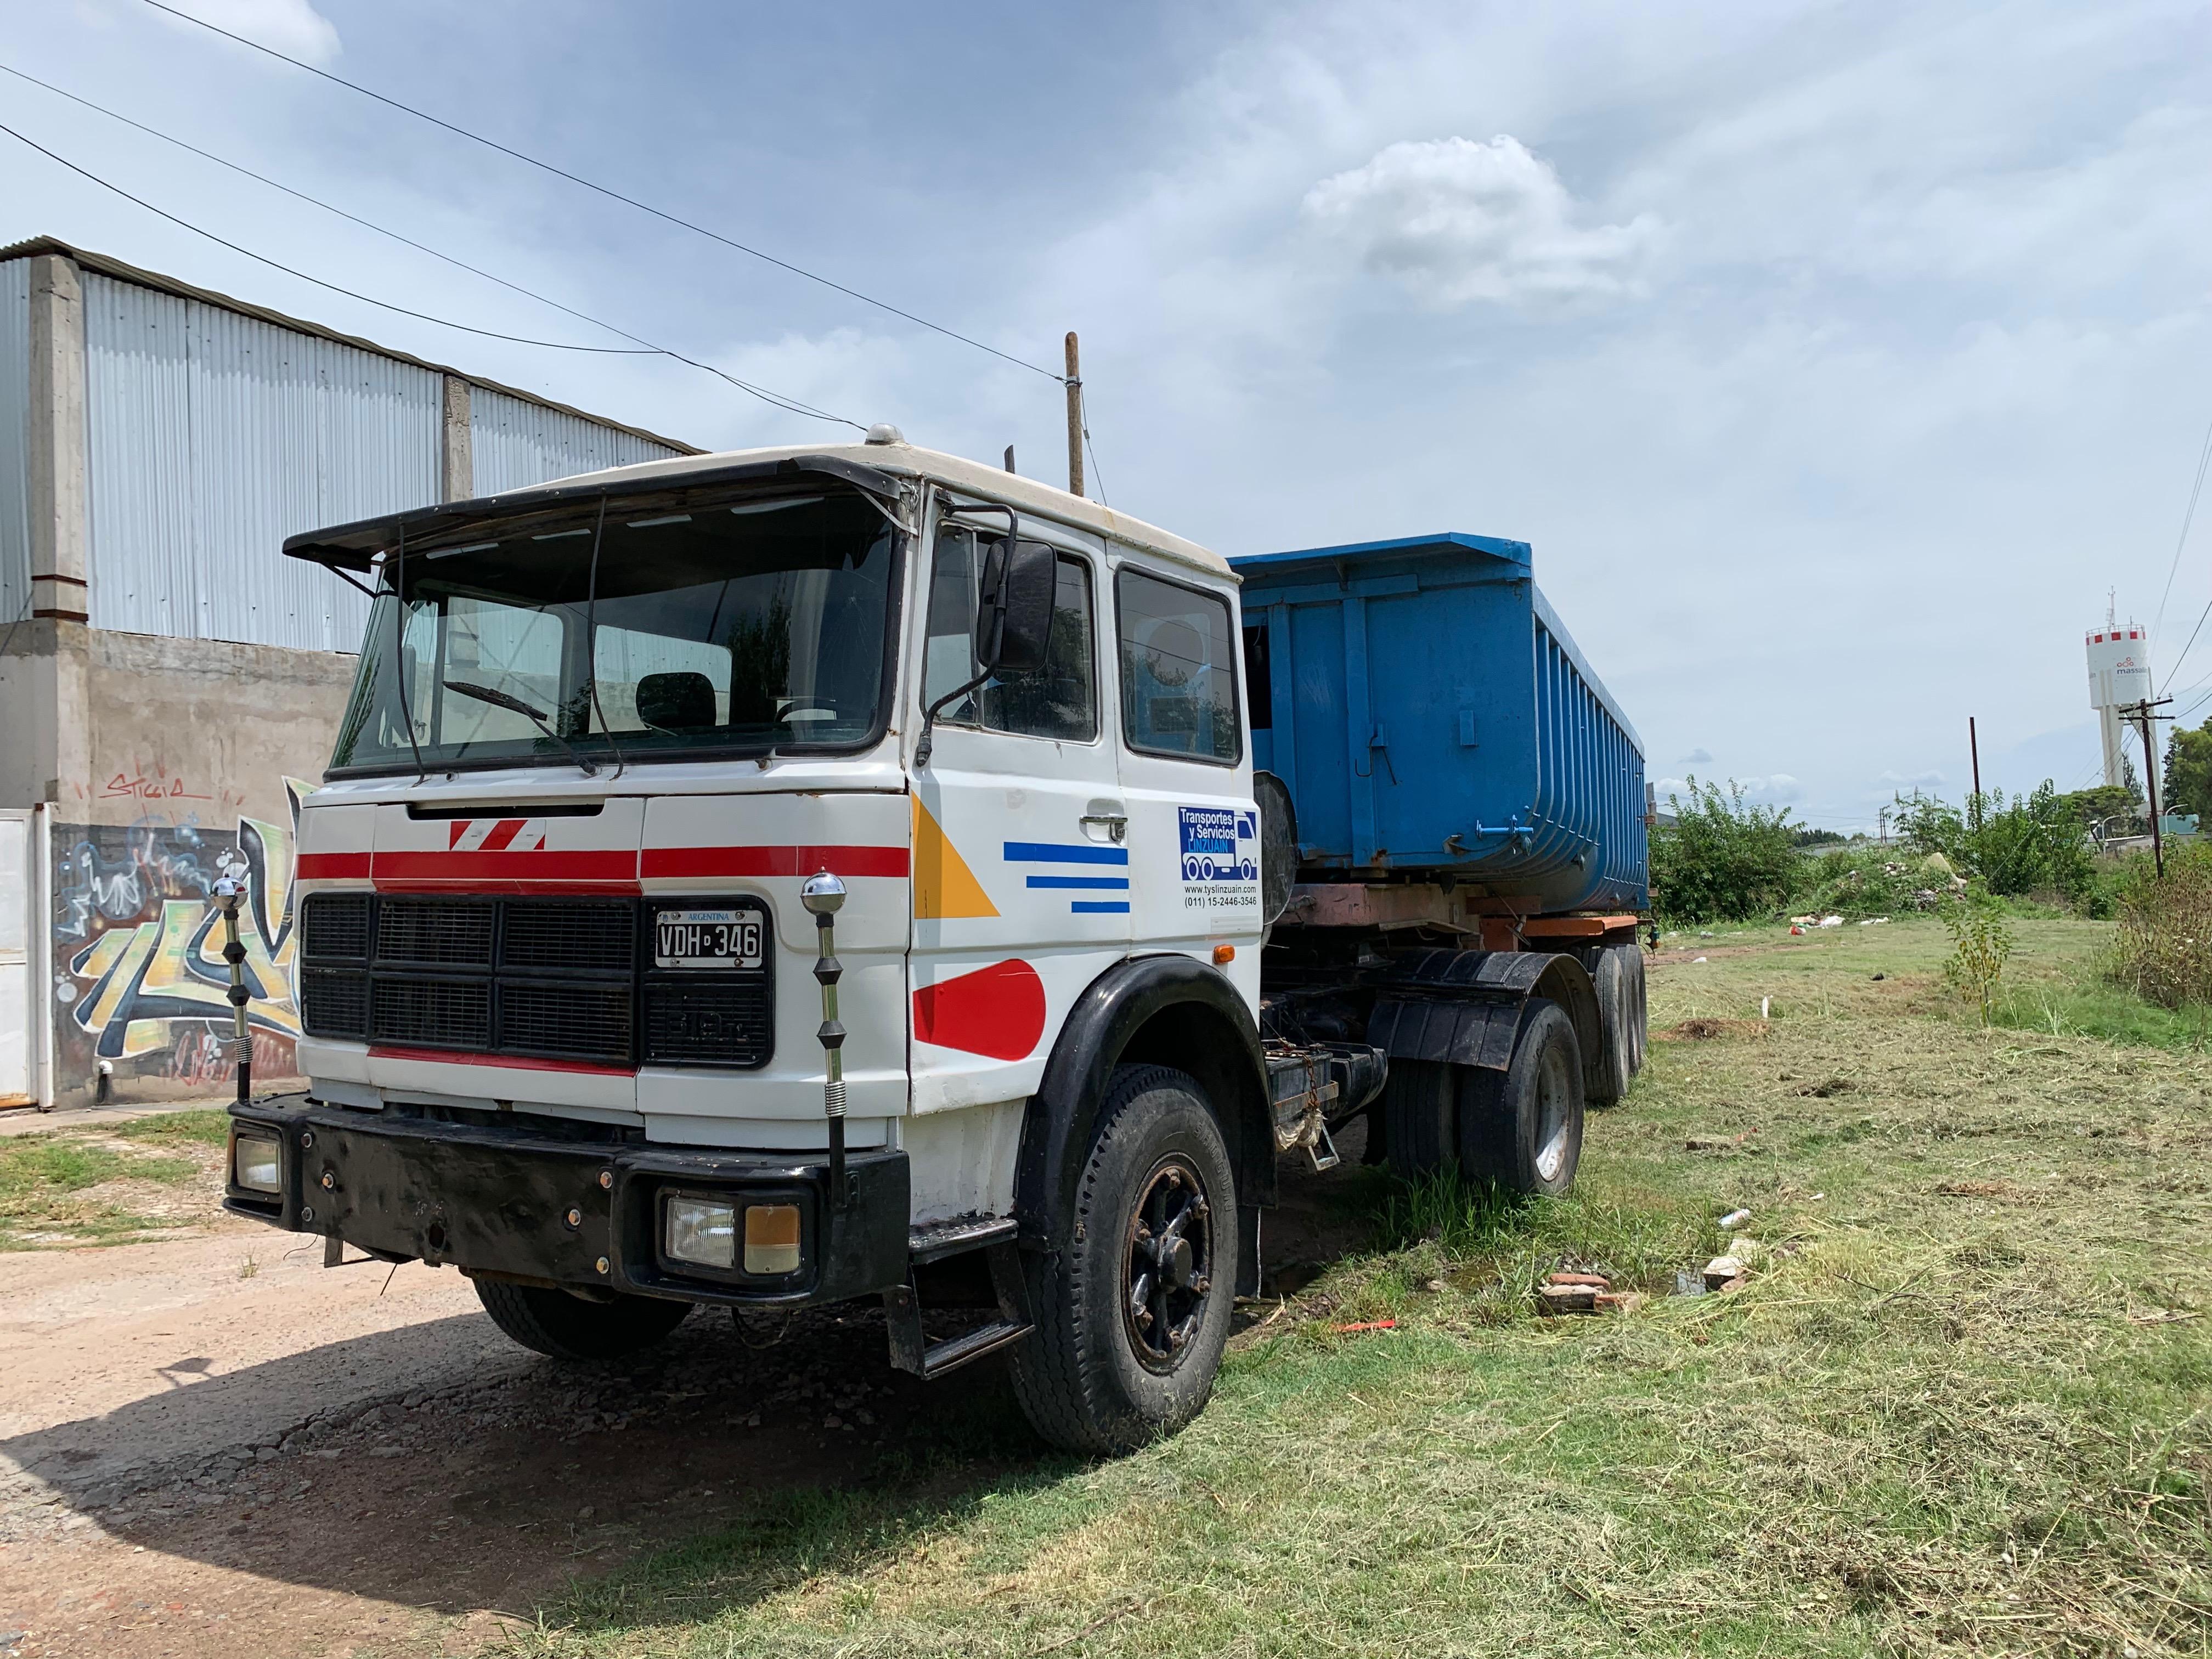 Camion Tractor Fiat 619 N1 Motor 0km Excelente estado